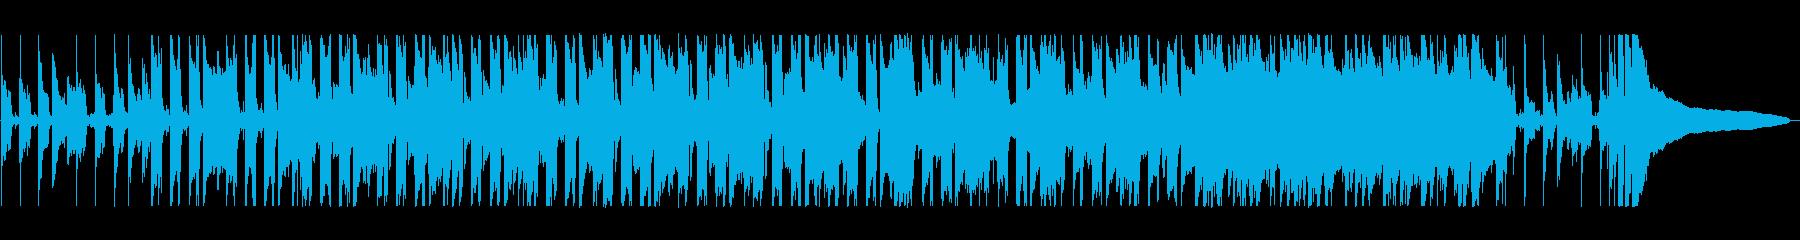 ほのぼのしたポップスの再生済みの波形